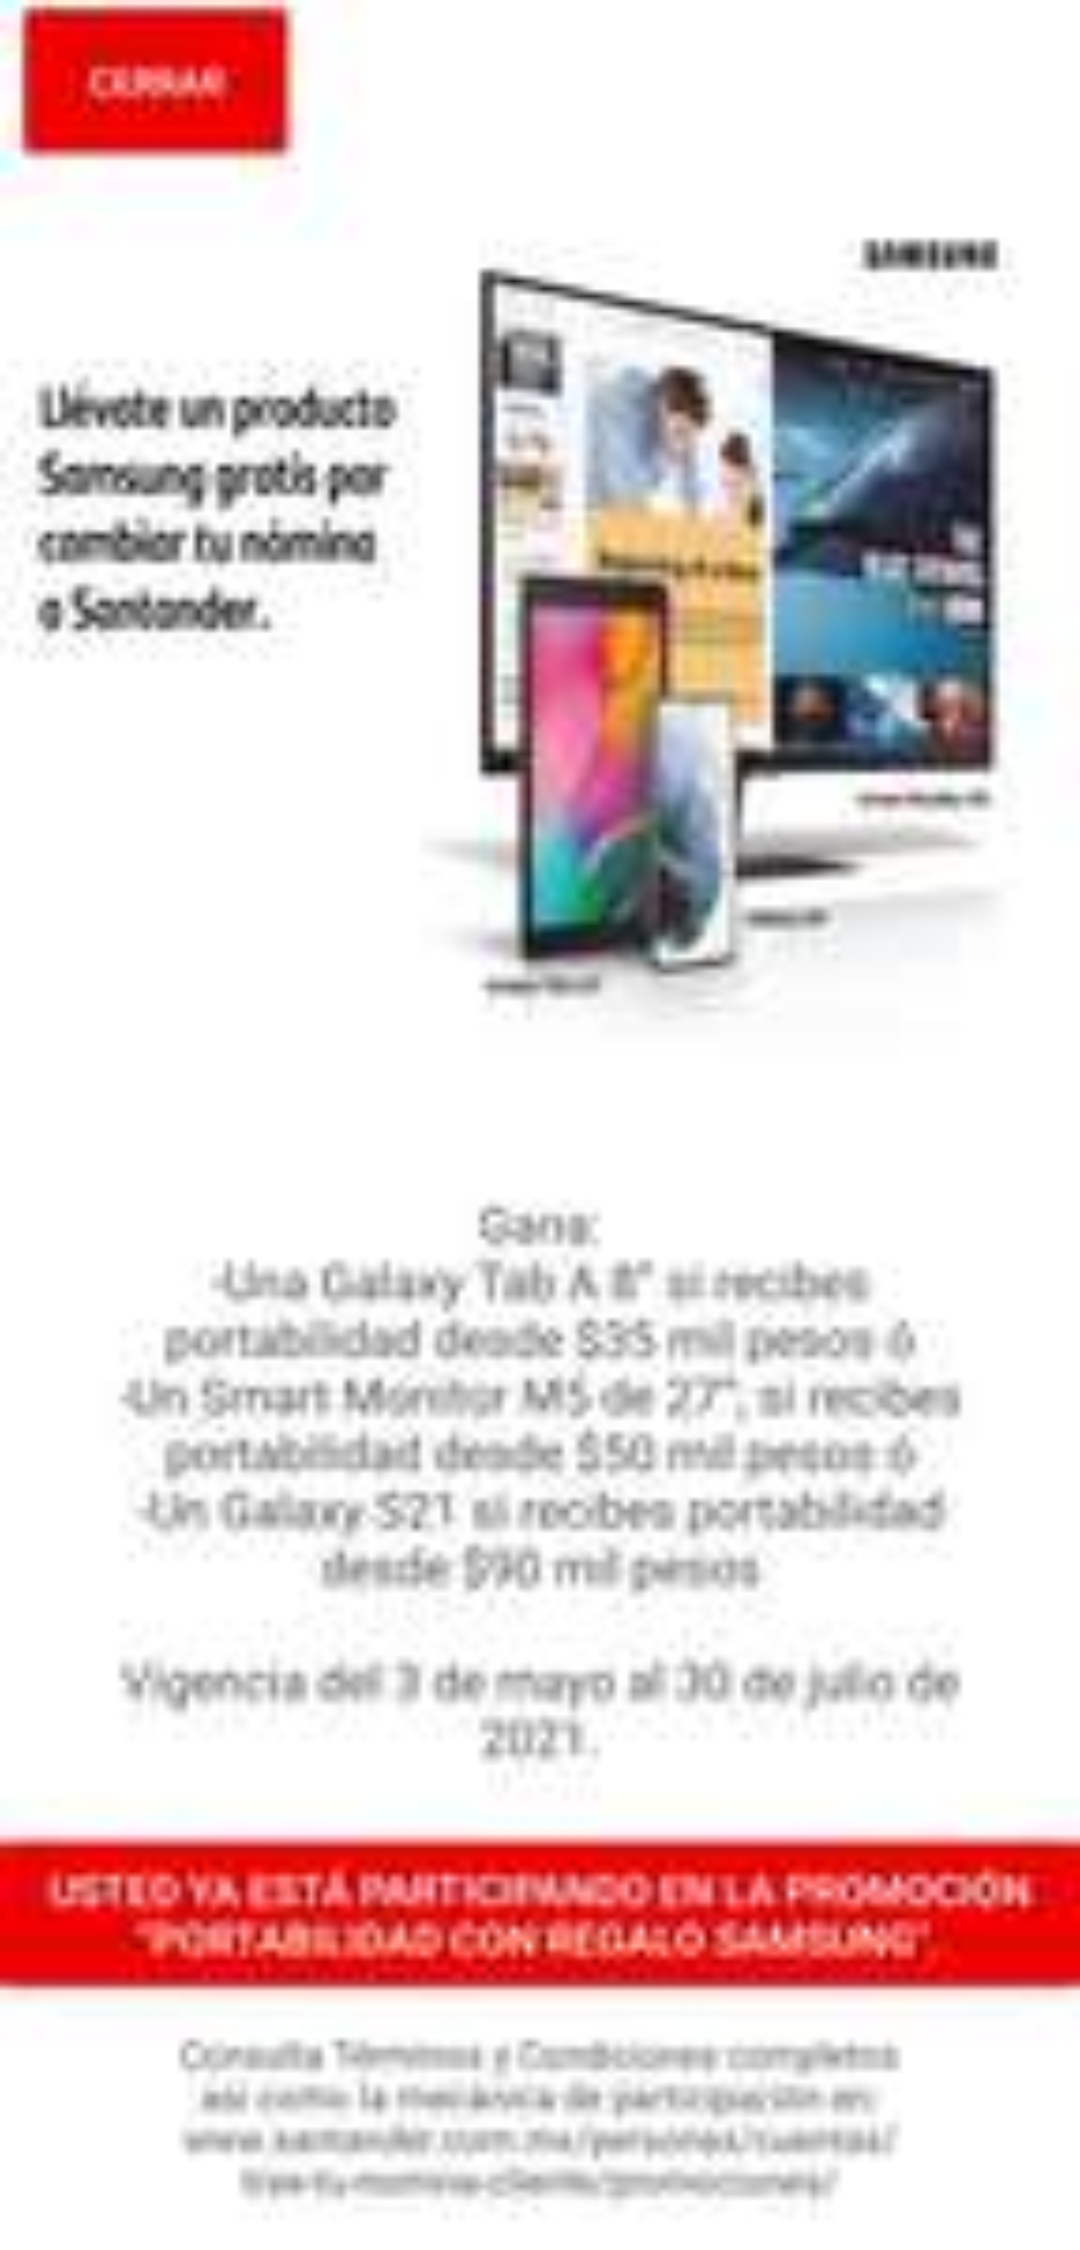 Porta tu nómina a Santander y llevate gratis una Galaxy Tab A 8, Smart Monitor M5 o Galaxy S21